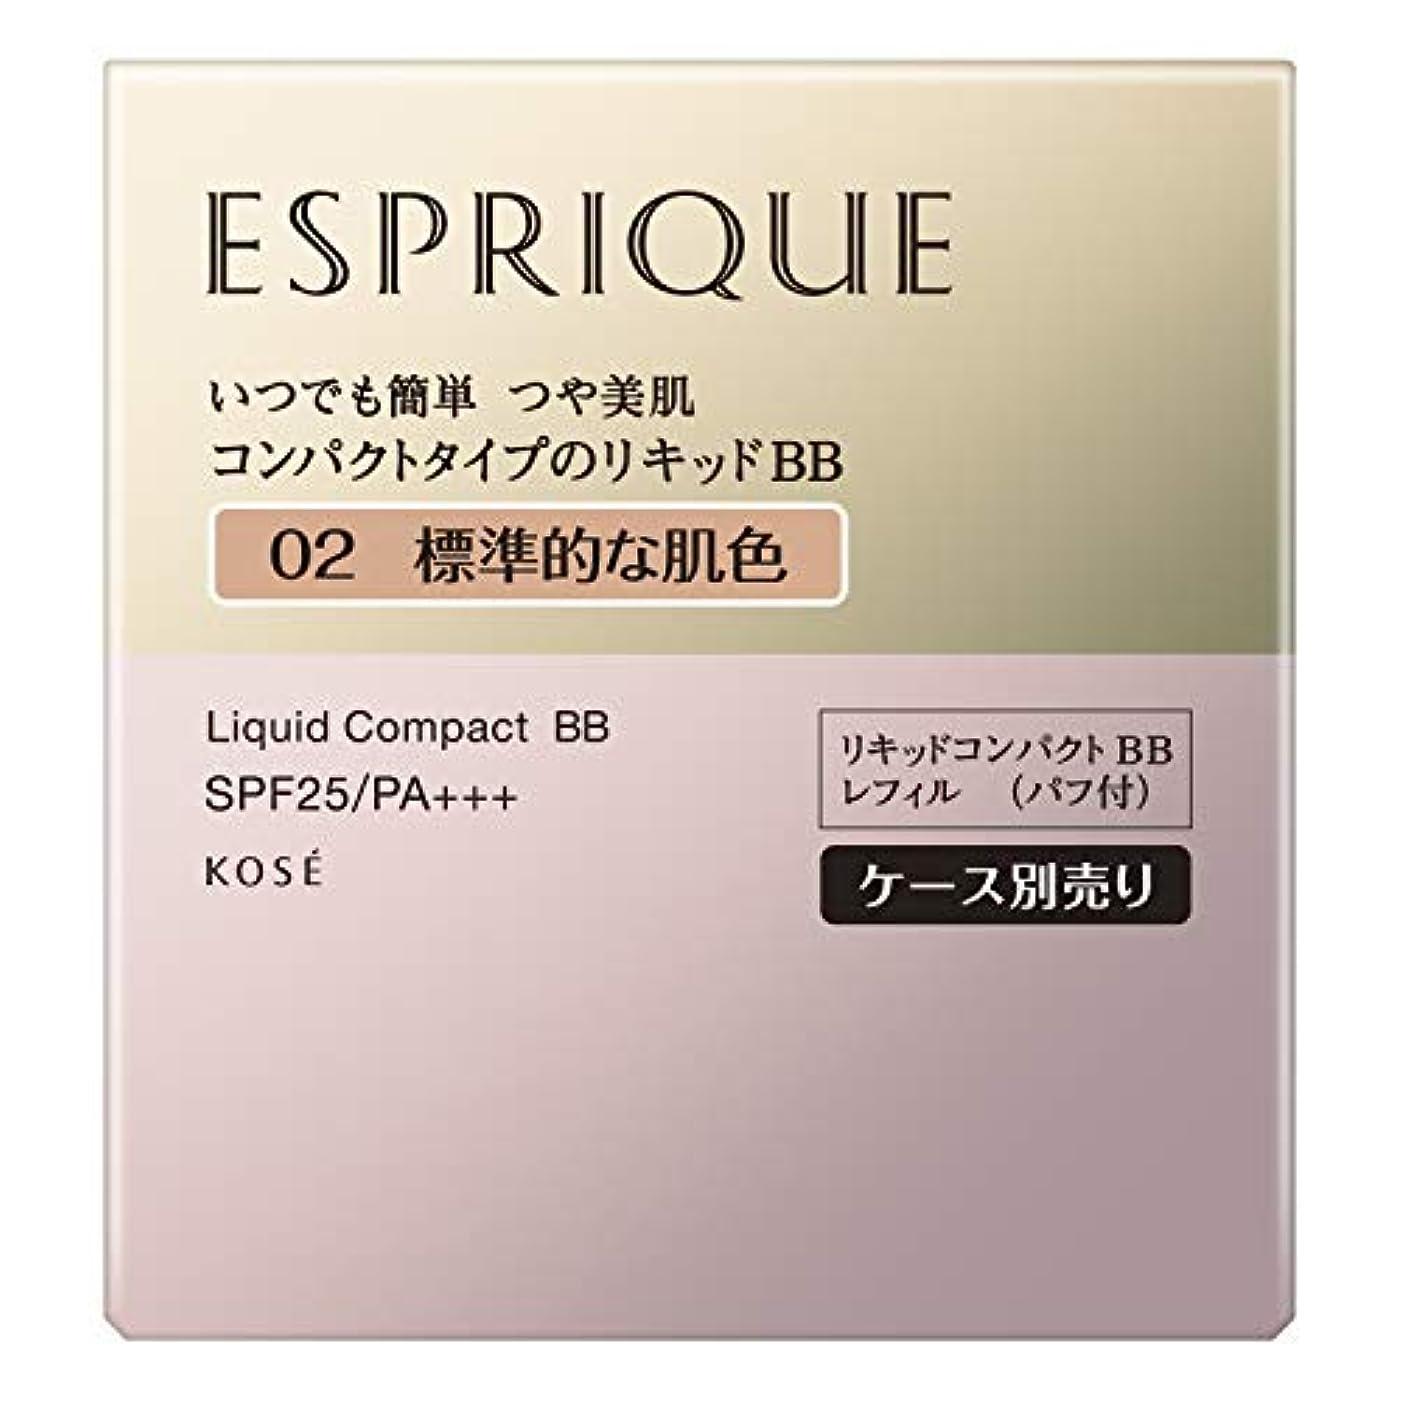 決済かすかなあまりにもエスプリーク リキッド コンパクト BB 02 標準的な肌色 13g